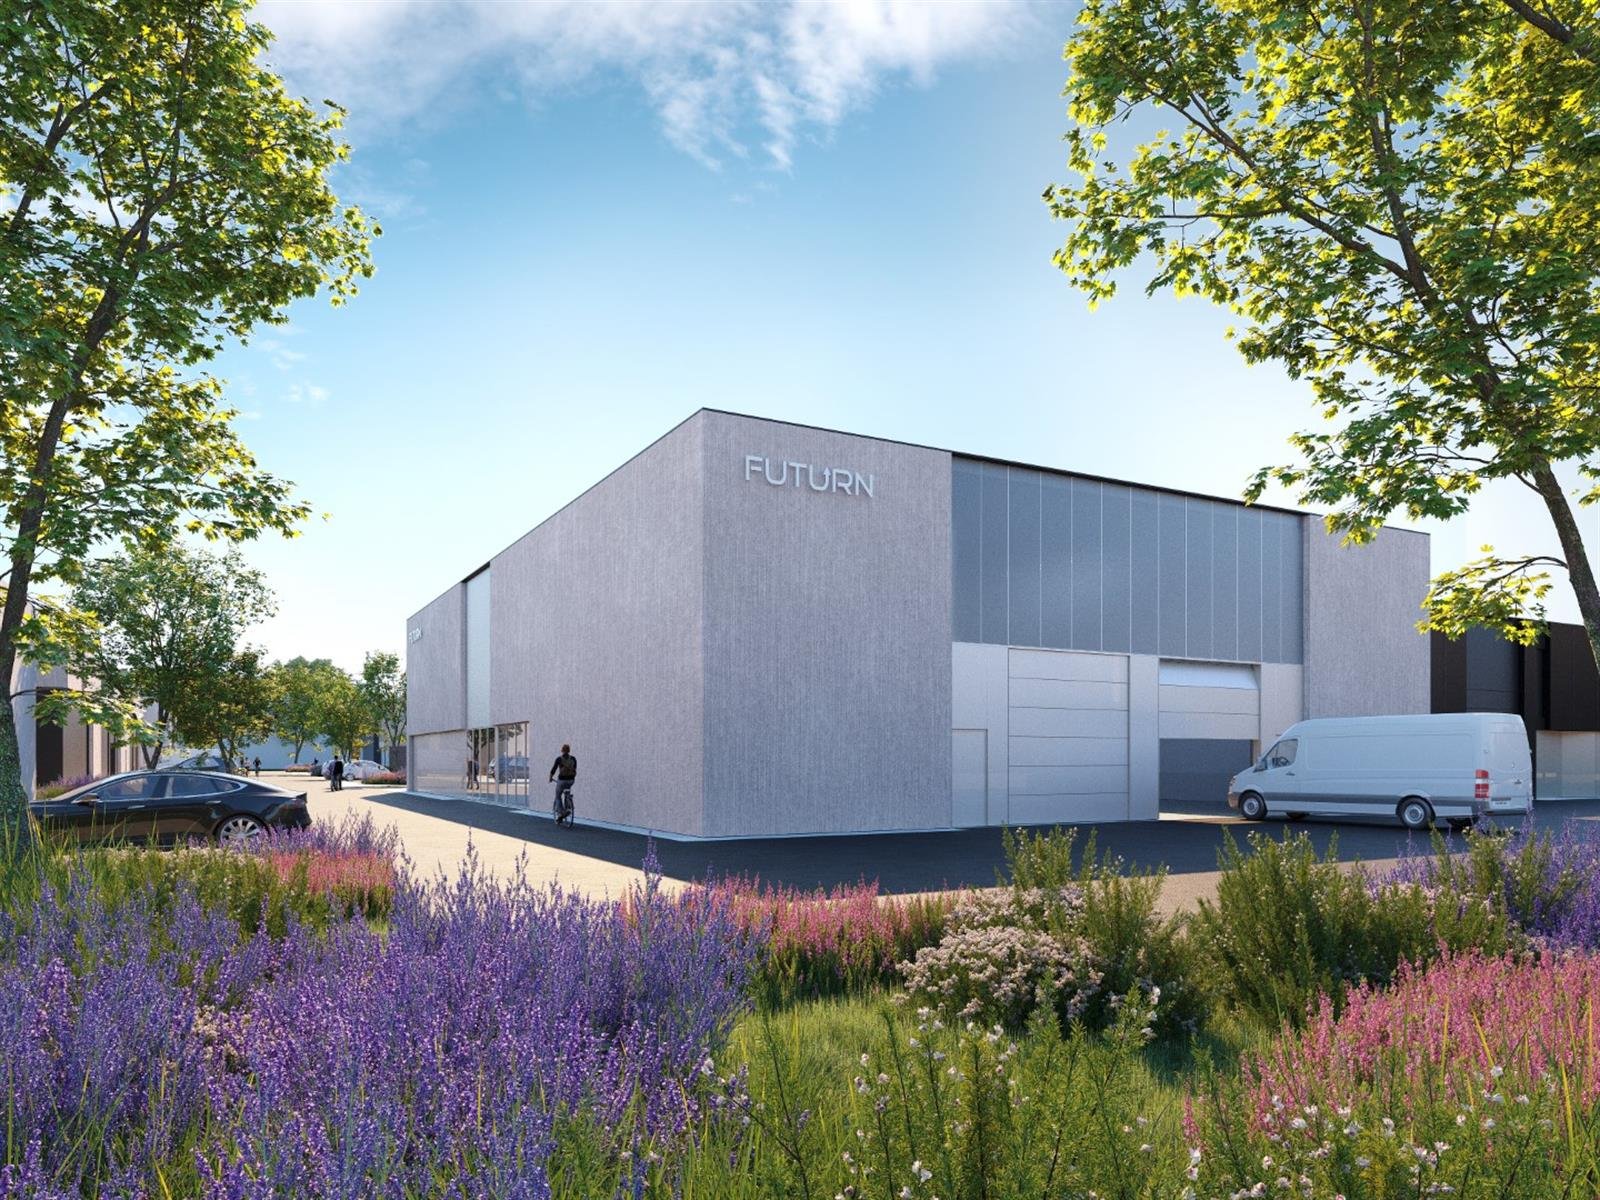 KMO-unit te koop Heros Businesspark KMO Unit 3 - Herkenrodesingel 10, 3500 Hasselt, België 10